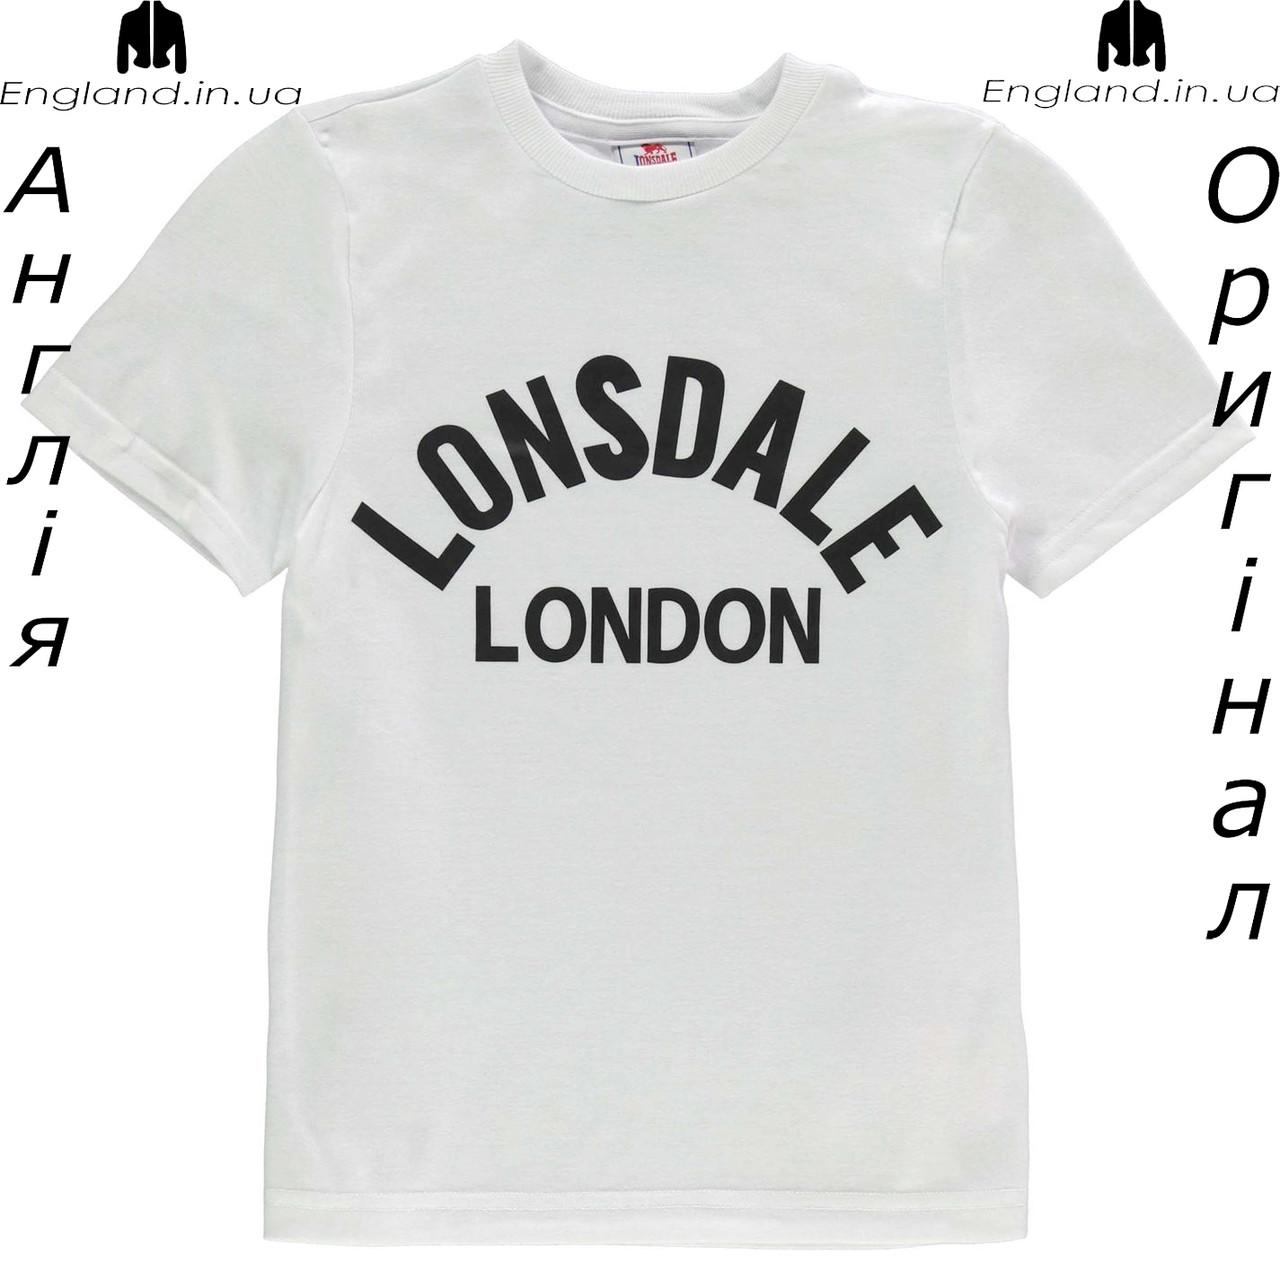 Футболка Lonsdale из Англии для мальчиков 2-14 лет - для тренеровок белая с вискозой